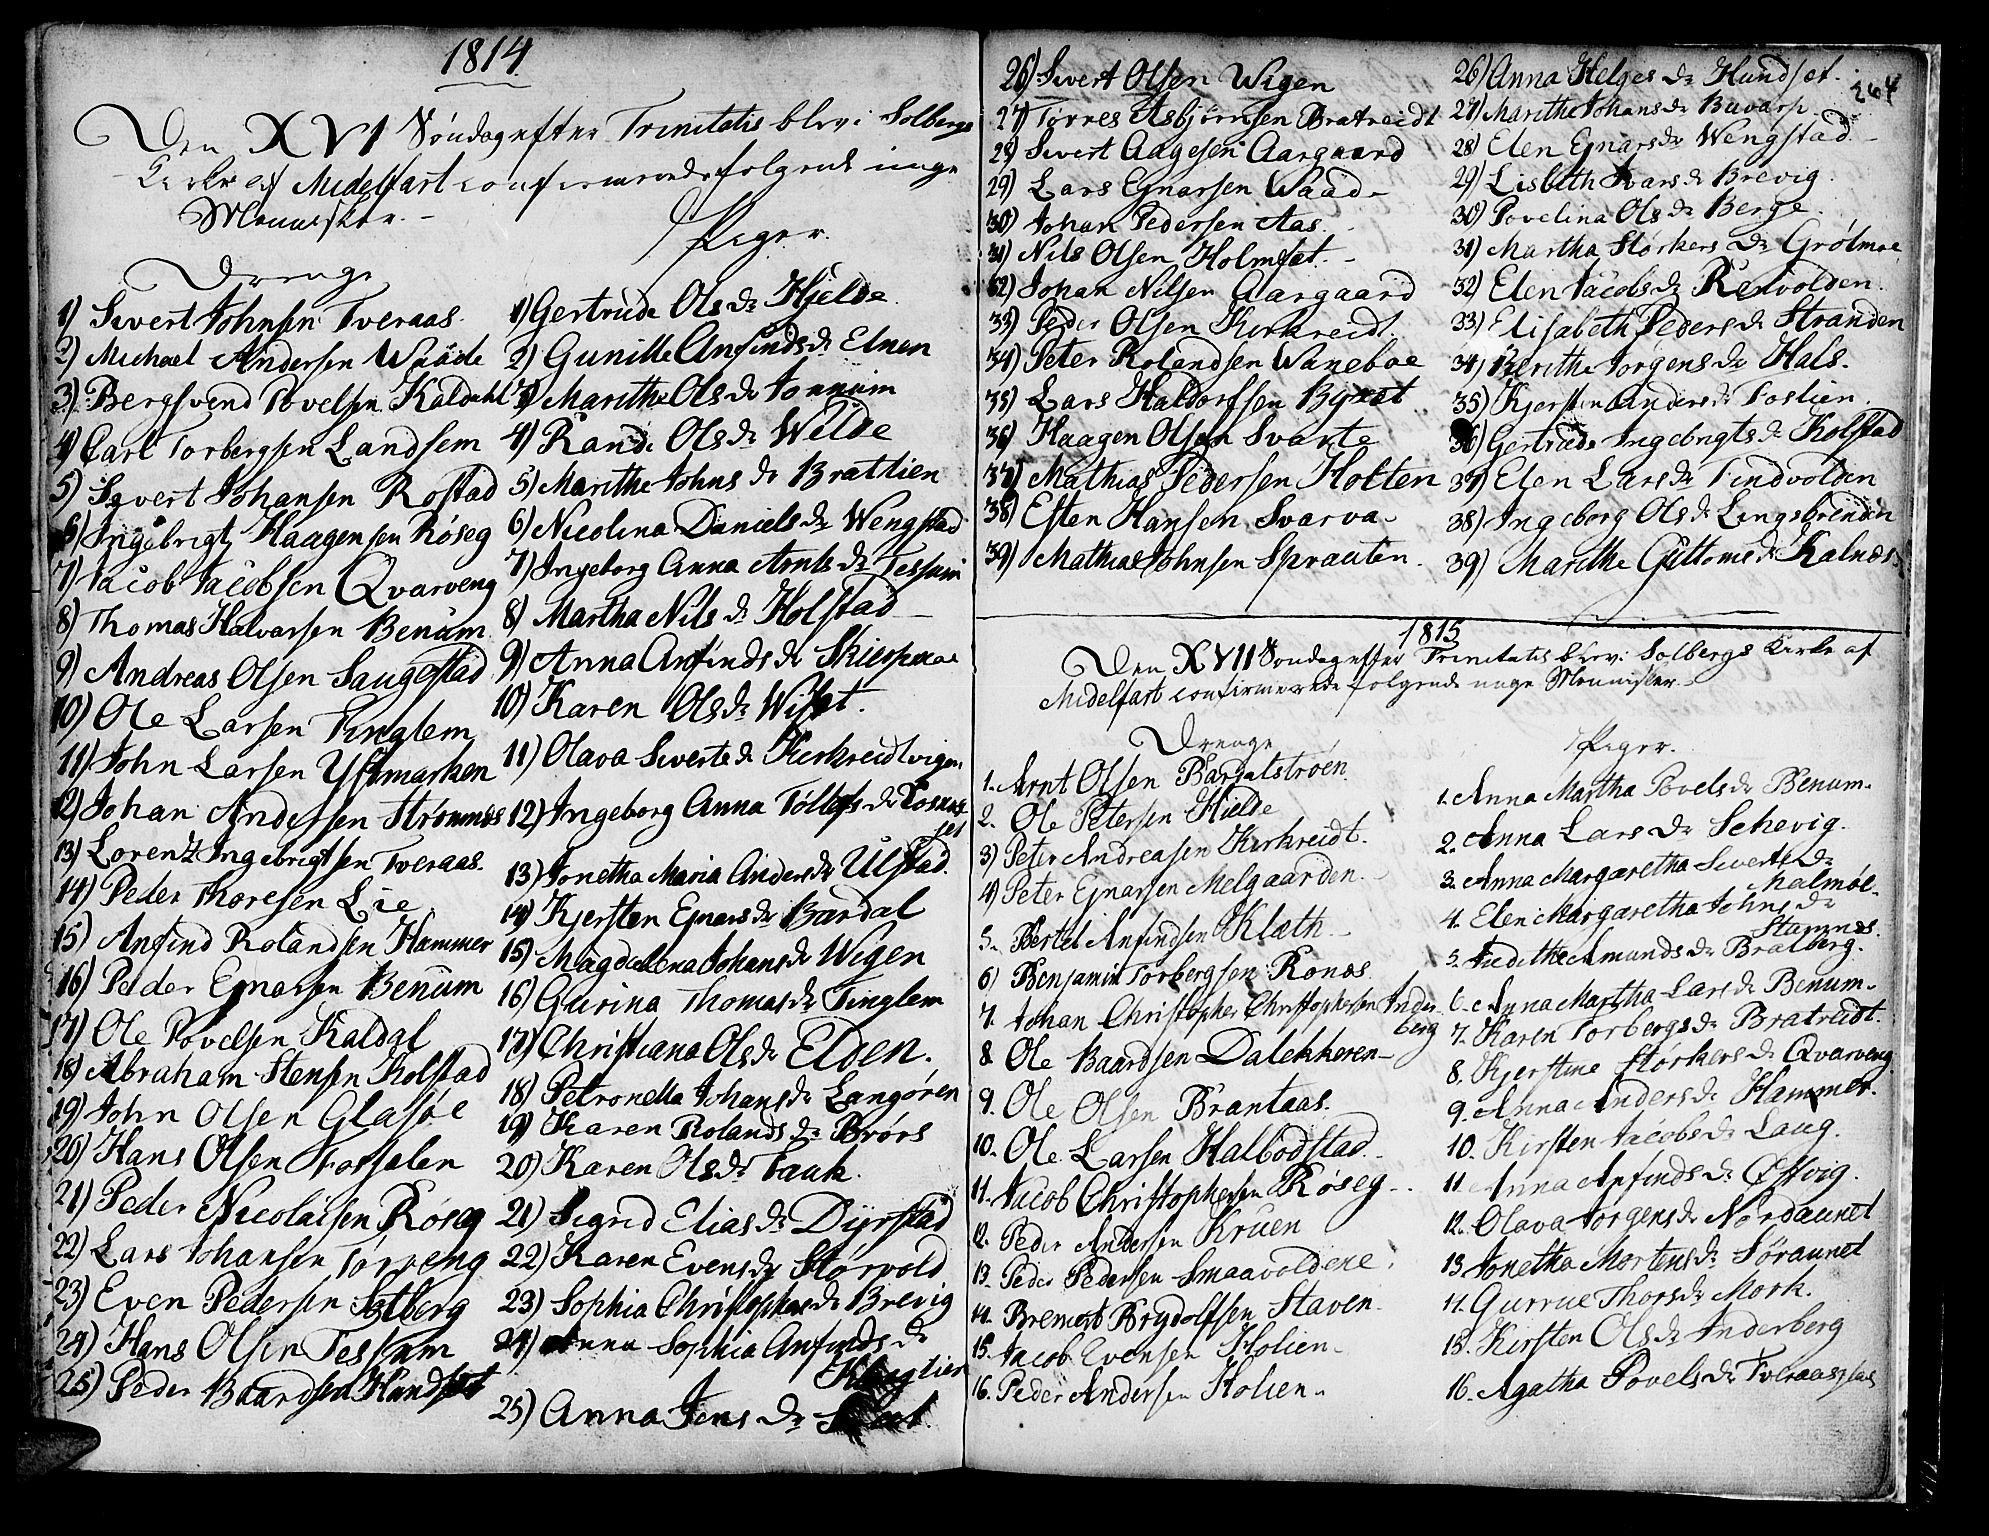 SAT, Ministerialprotokoller, klokkerbøker og fødselsregistre - Nord-Trøndelag, 741/L0385: Ministerialbok nr. 741A01, 1722-1815, s. 264